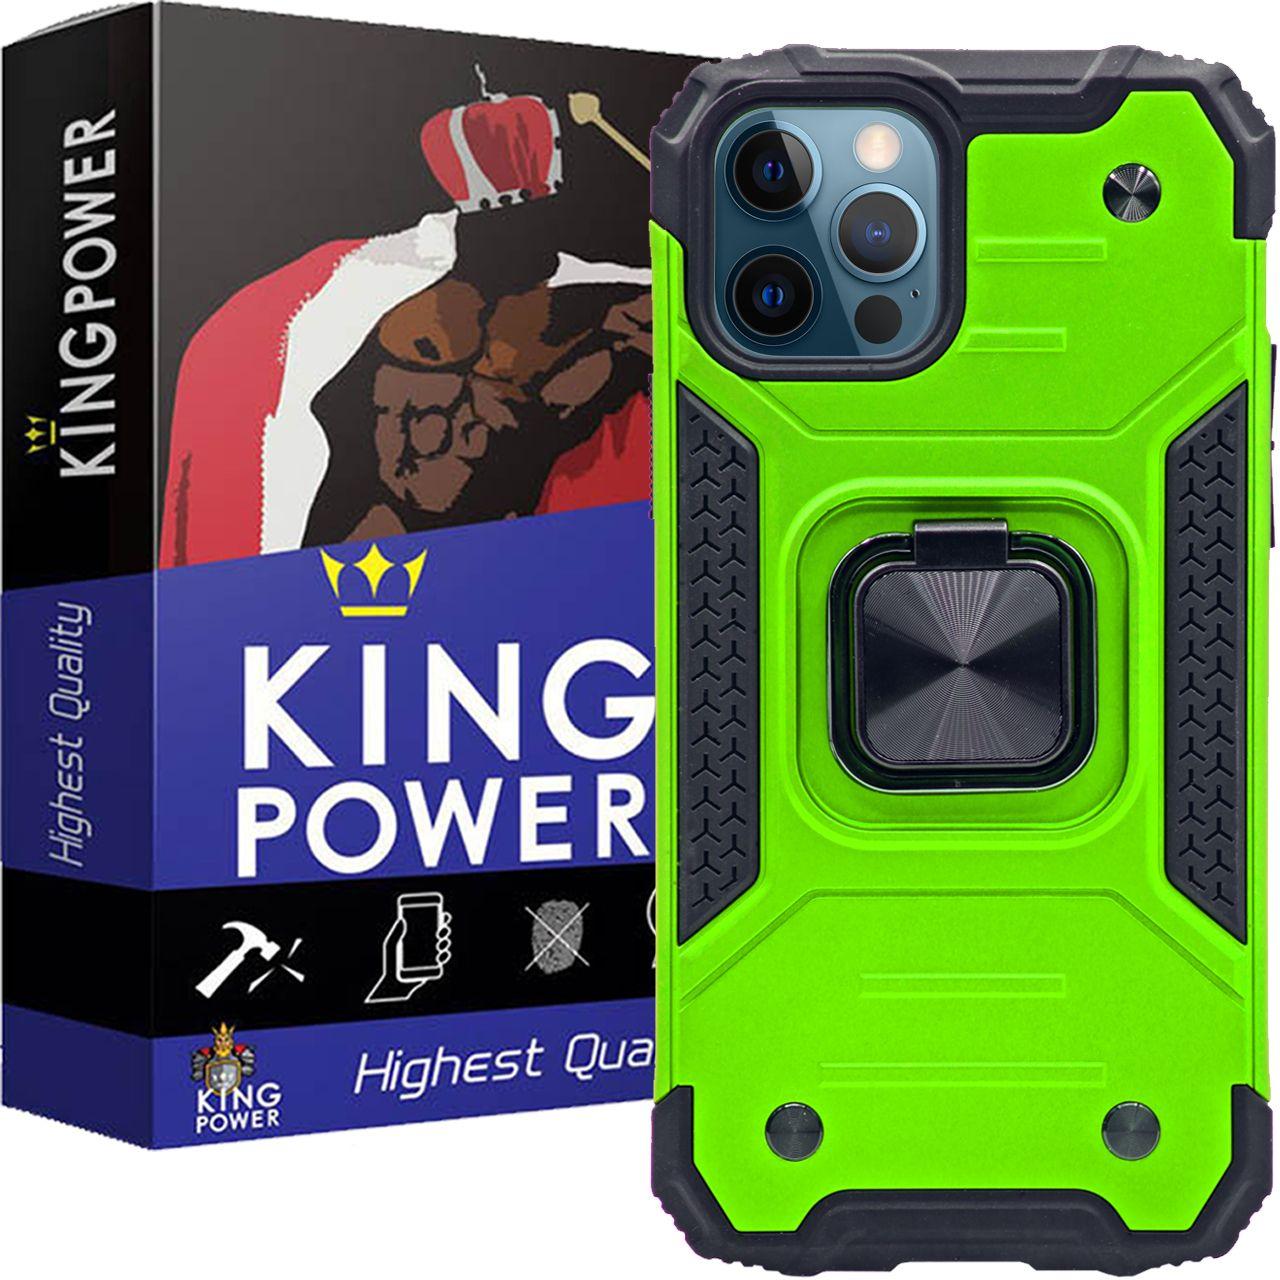 کاور کینگ پاور مدل DF21 مناسب برای گوشی موبایل اپل iPhone 12 Pro Max